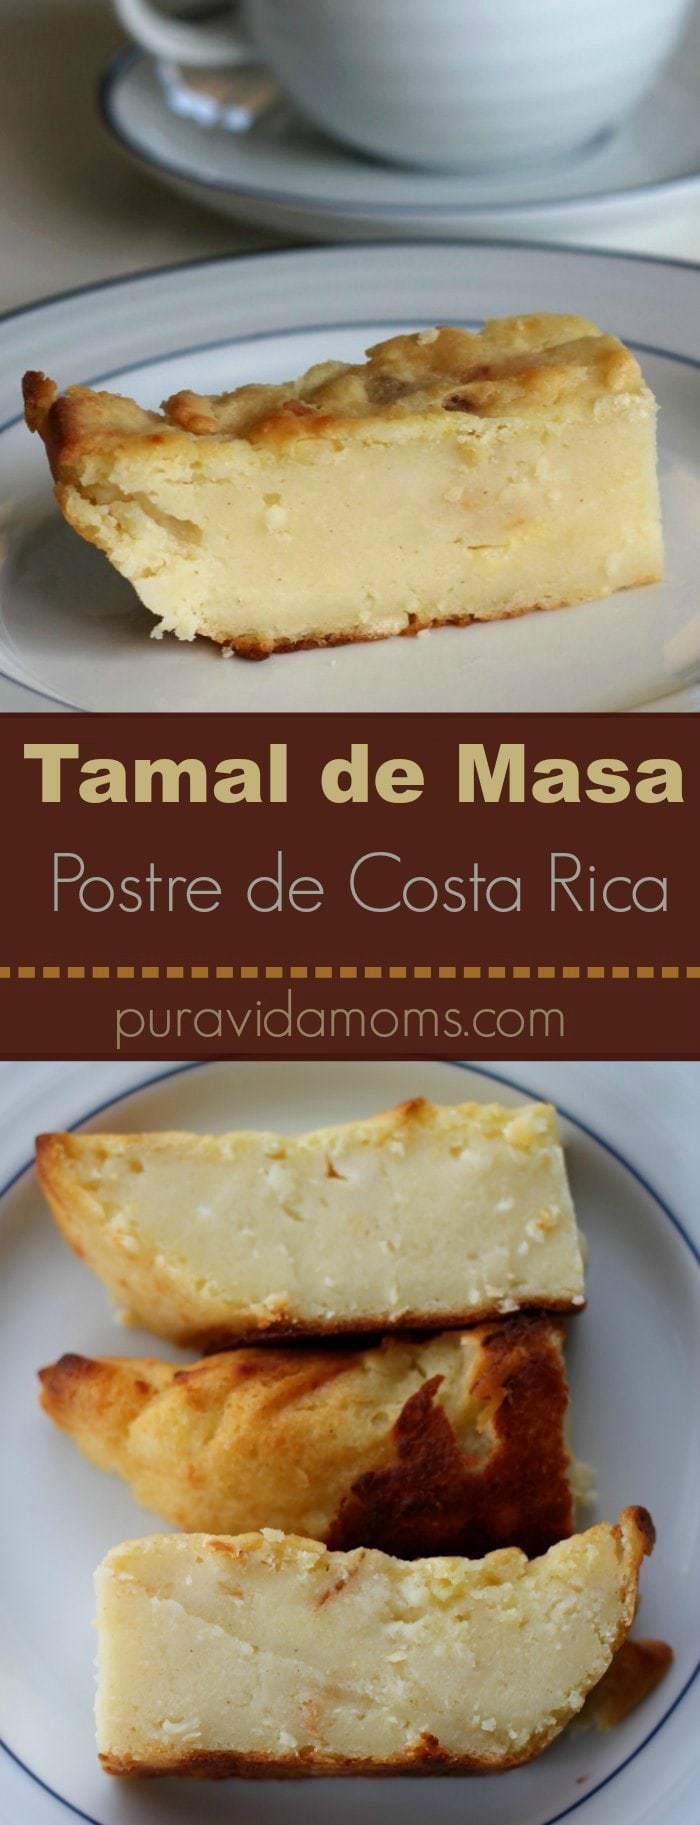 Receta tica tamal de masa postre de Costa Rica 2